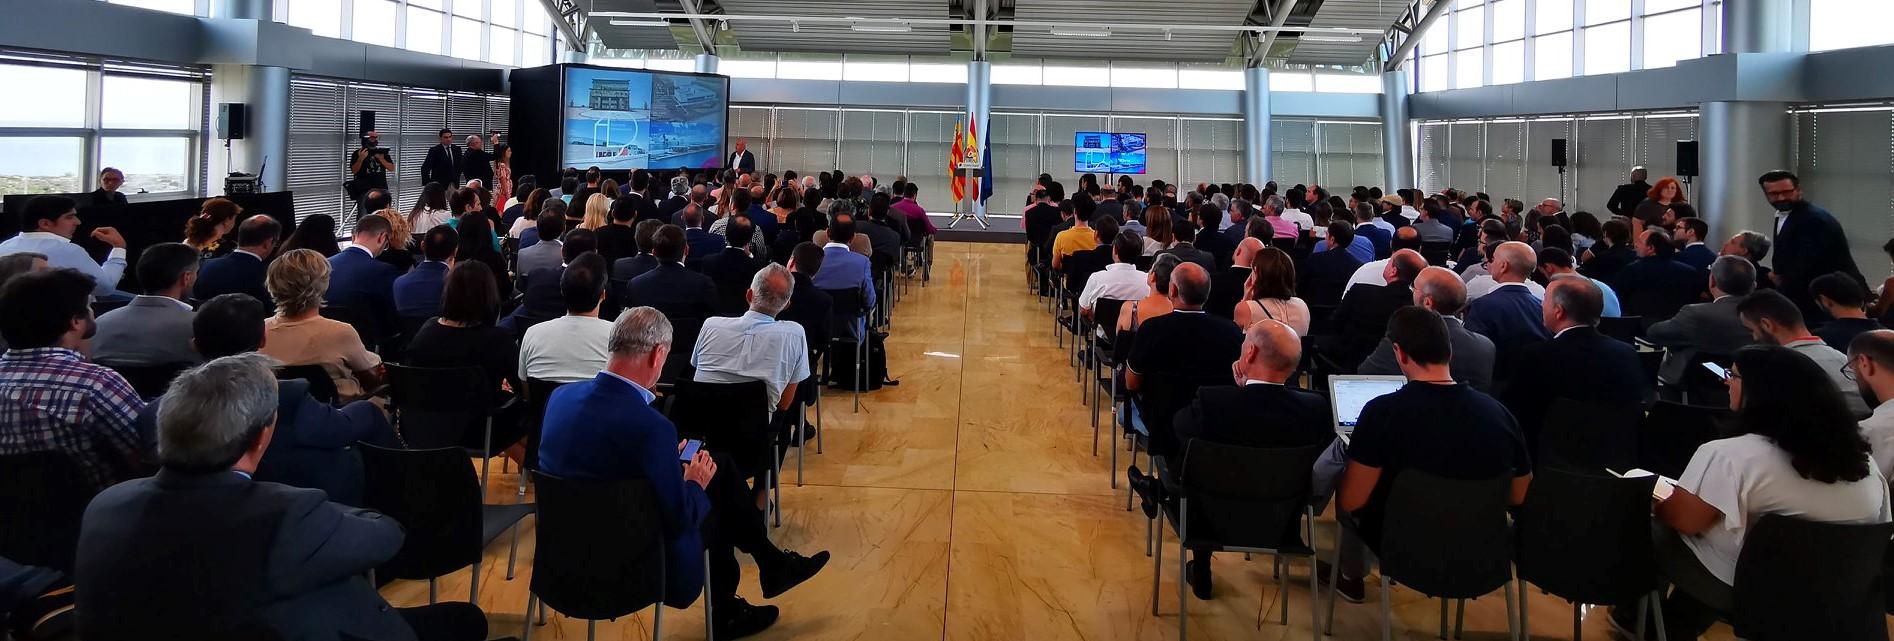 Presentacion Proyectos Distrito Digital CValenciana